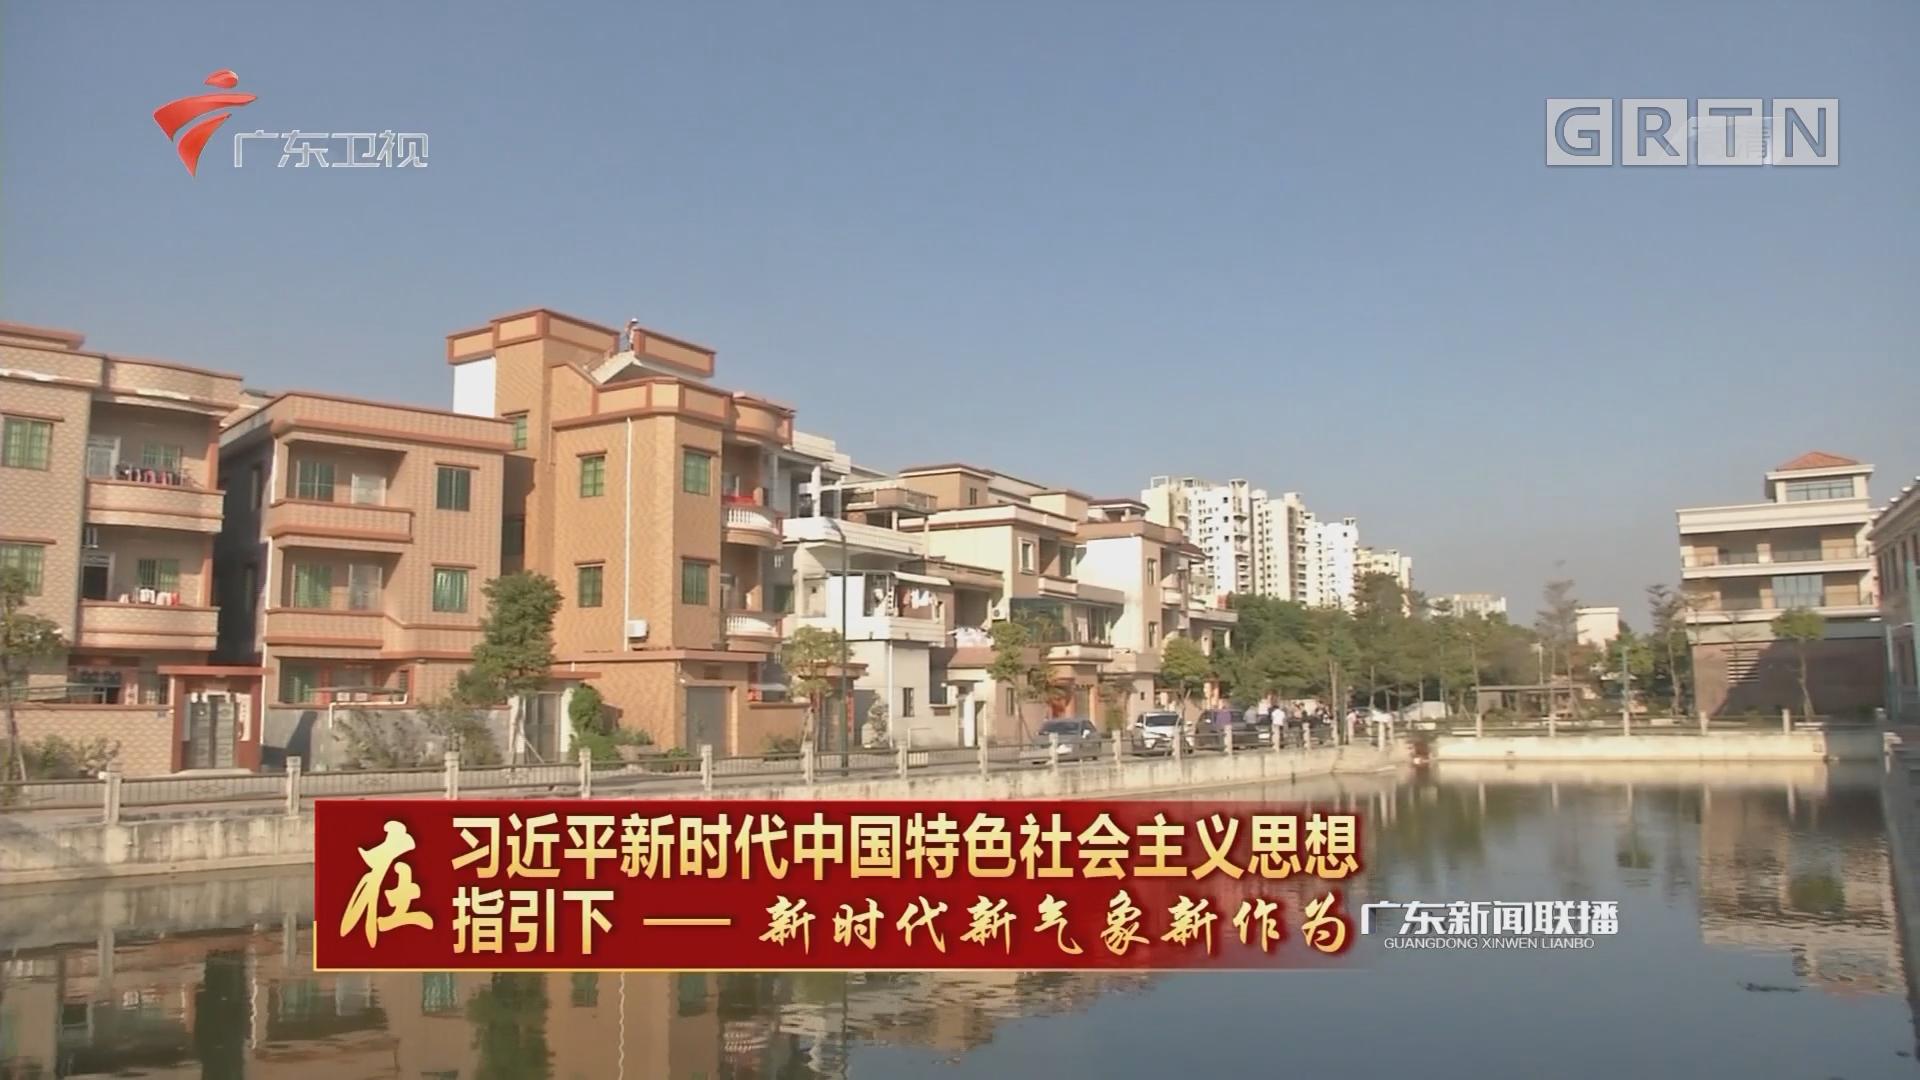 广东:推进农村集体产权股份改革 强化乡村振兴制度性供给